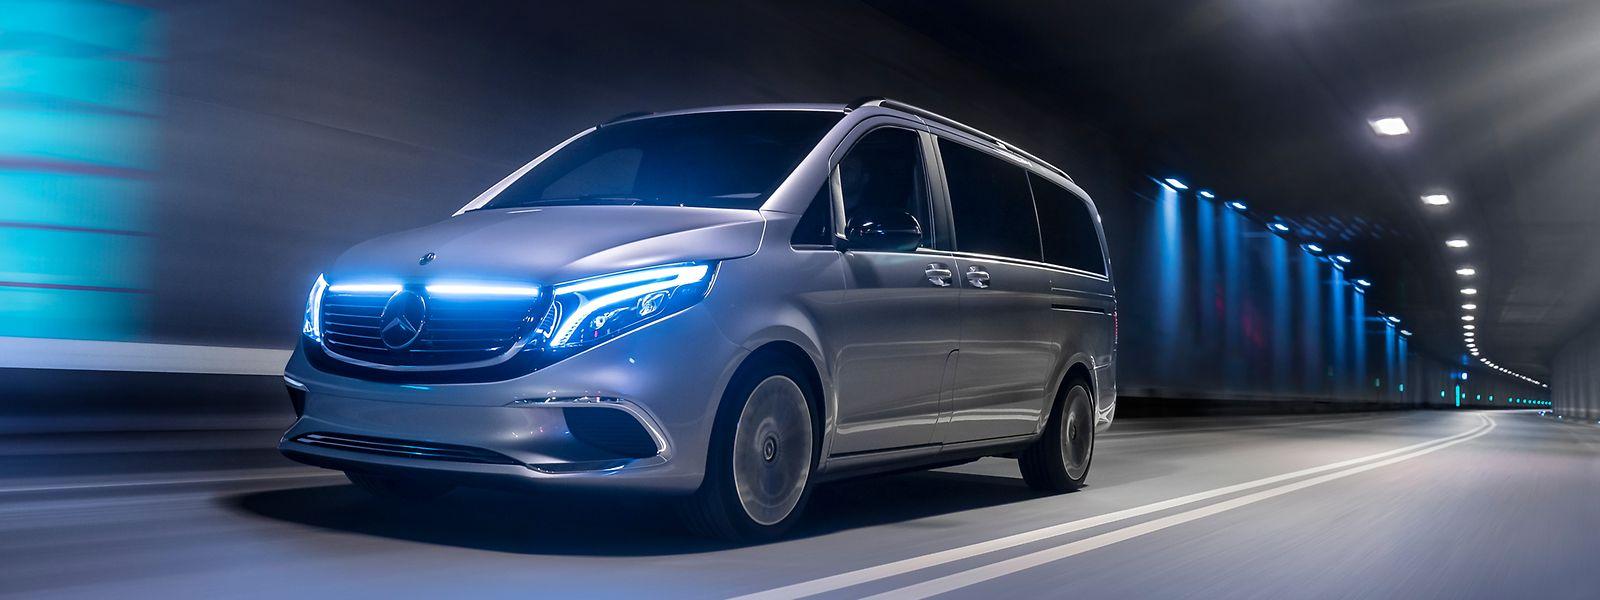 Für den elektrisch angetriebenen Concept EQV verspricht Mercedes-Benz eine Reichweite von bis zu 400 Kilometern.